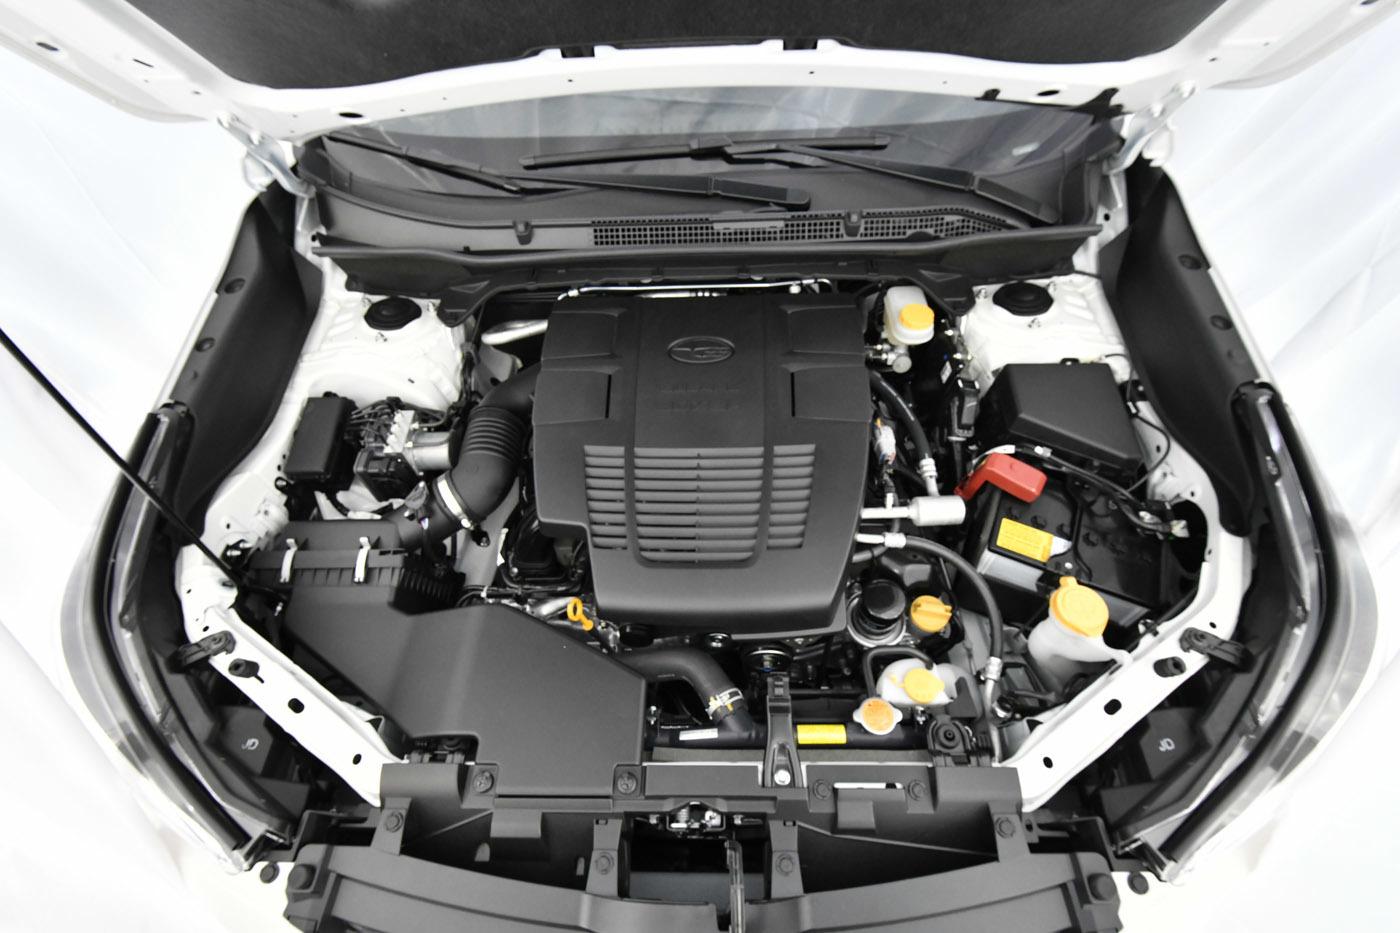 エンジンは、現行型の海外仕様に用意されていたFB25型2.5L水平対向4気筒NAエンジンを改良。直噴化され、90%新設計だという